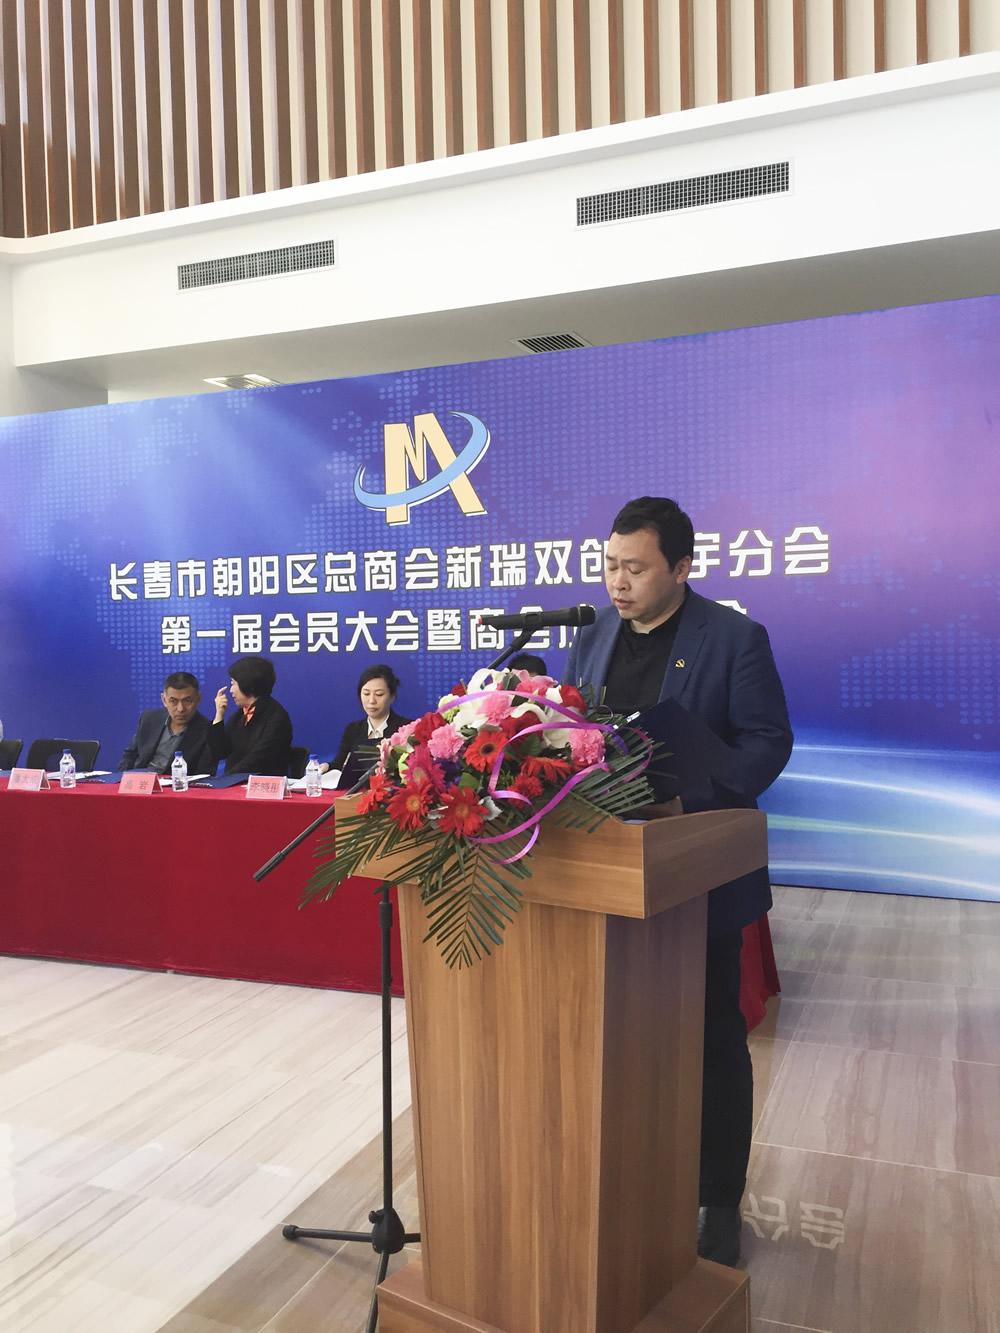 5、长春市朝阳区南湖街道党工委书记杨楠宣读贺词